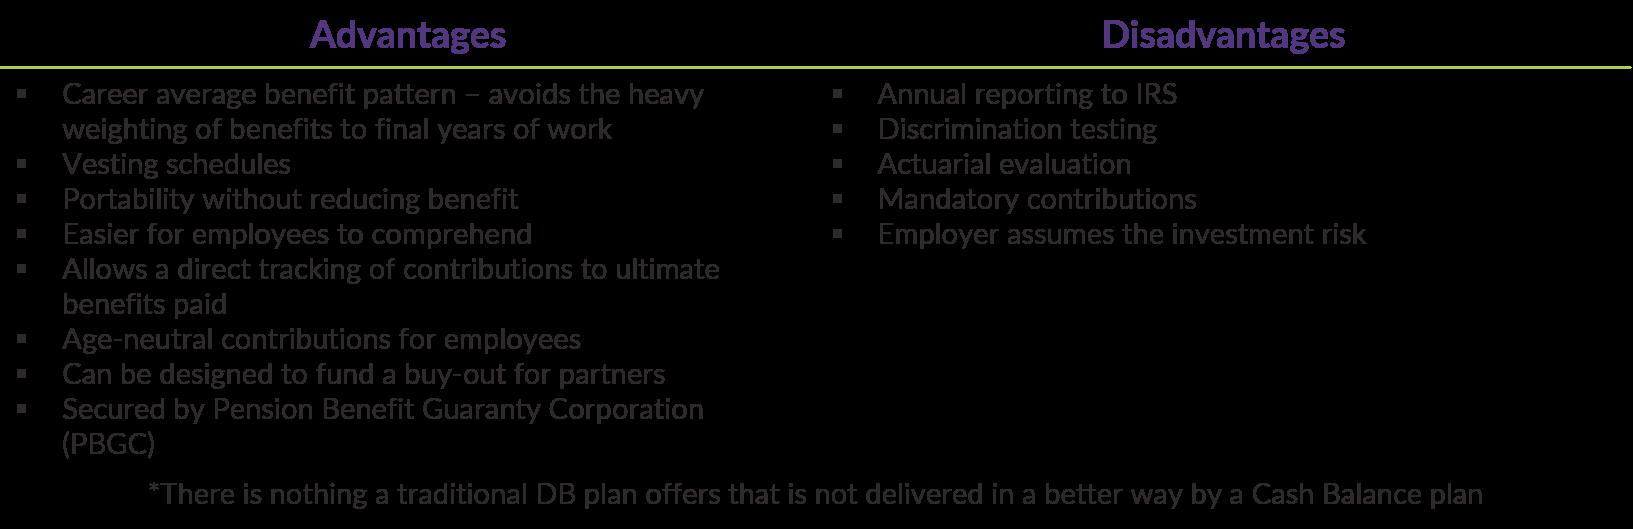 Cash Balance Advantages and Disadvantages_KC Article Graphic